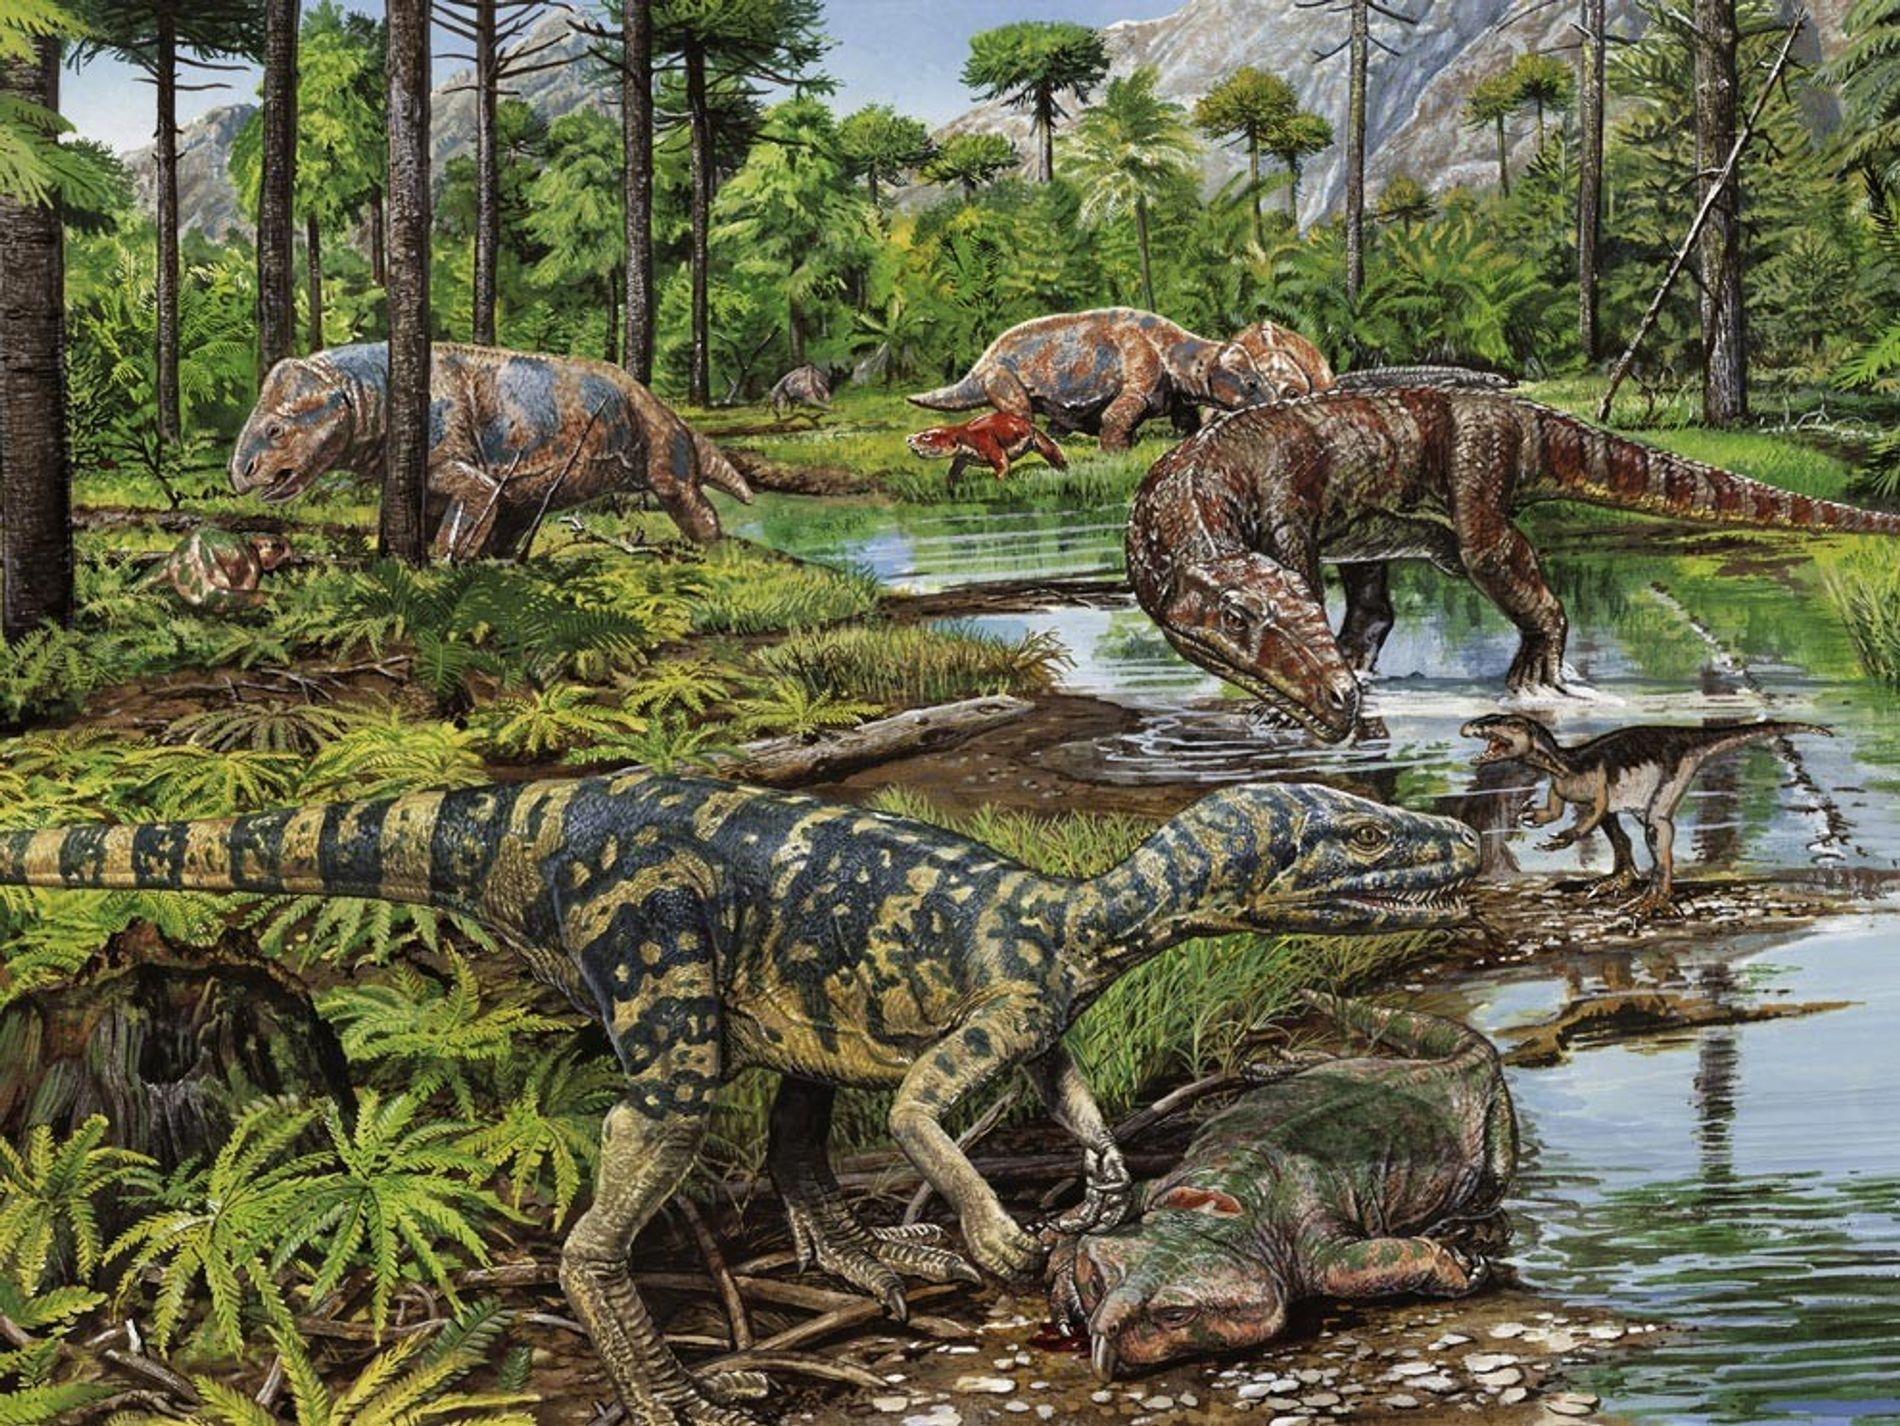 Cette vision d'artiste illustre le nouveau souffle de vie apparu au cours des périodes du Trias inférieur et moyen. Les extinctions massives qui marquent la fin de la période du Permien ont permis aux plantes et aux animaux qui leur ont survécu de grandir et de se diversifier en l'absence relative de concurrence et de prédateurs. Ces conditions ont permis l'avènement des dinosaures, des ptérosaures et des premiers crocodiliens.